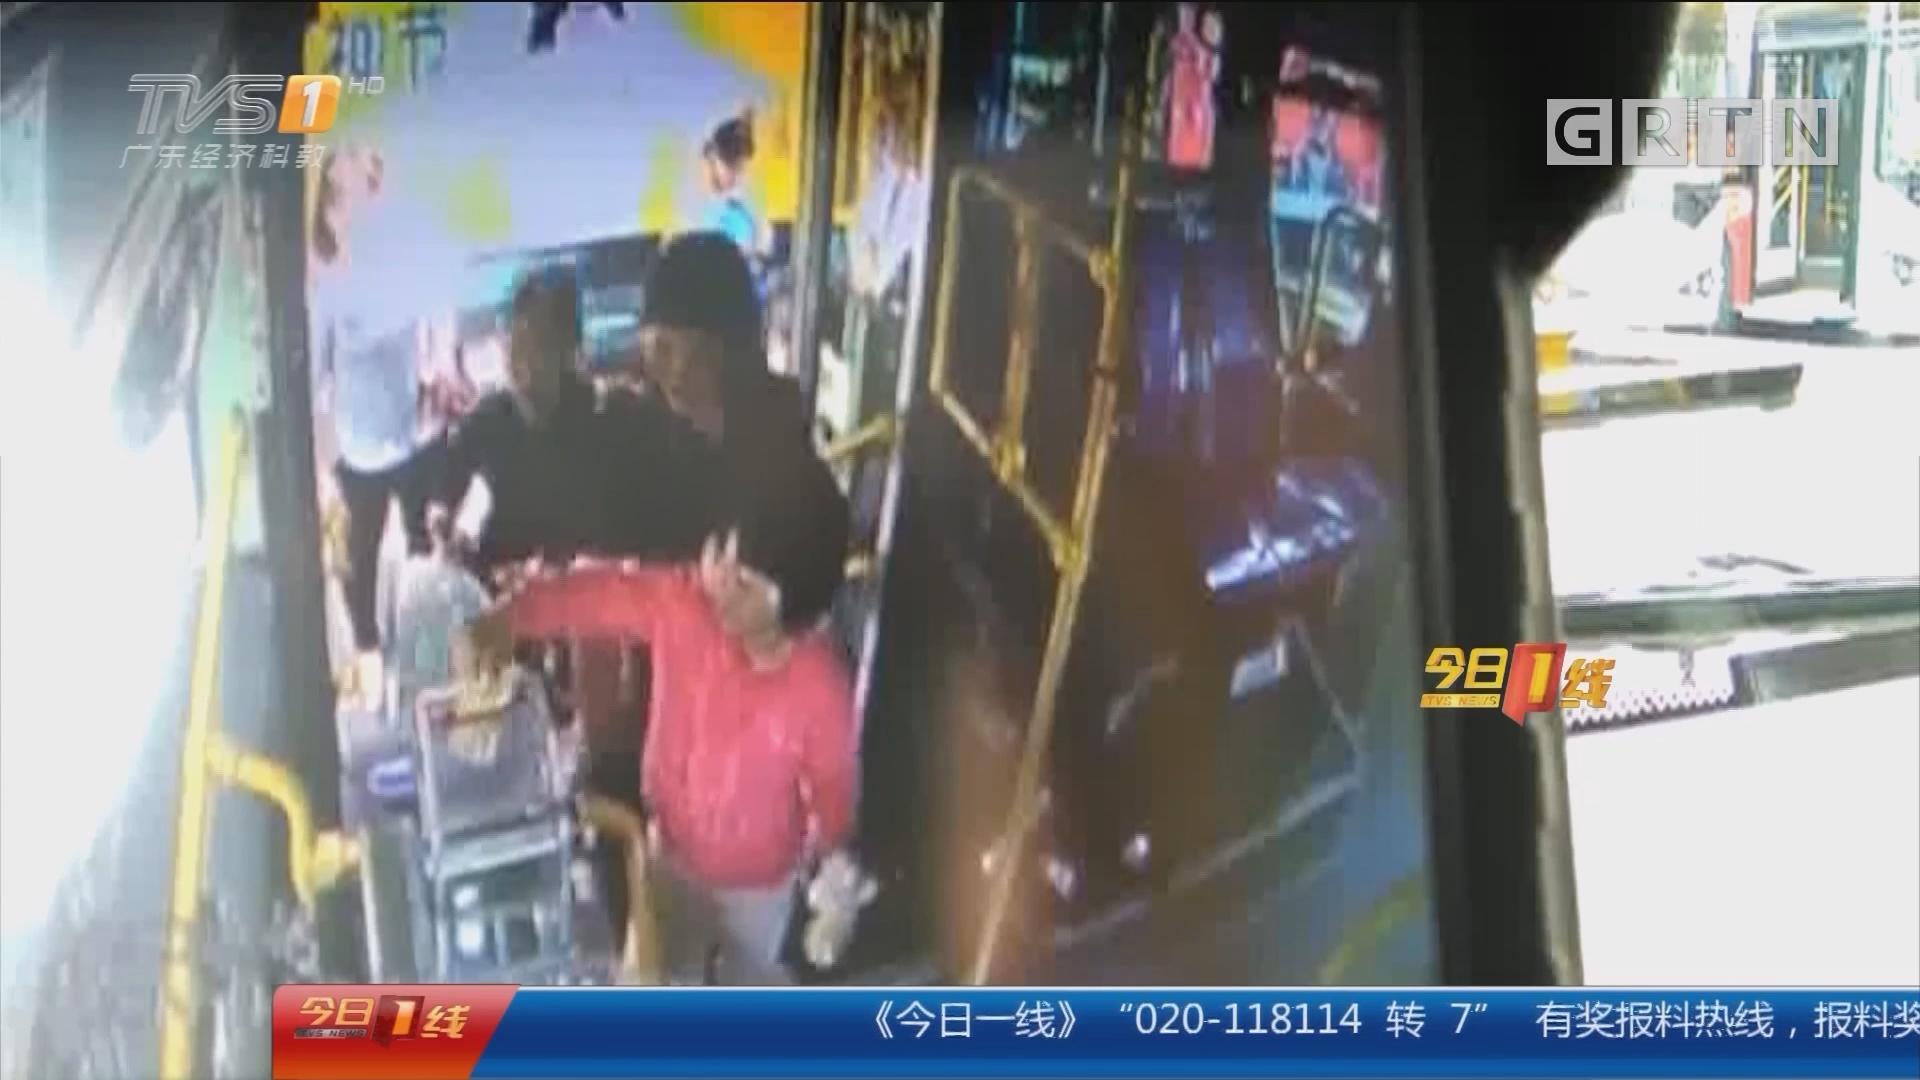 深圳布吉:大意母亲留幼童独乘公交 险酿祸